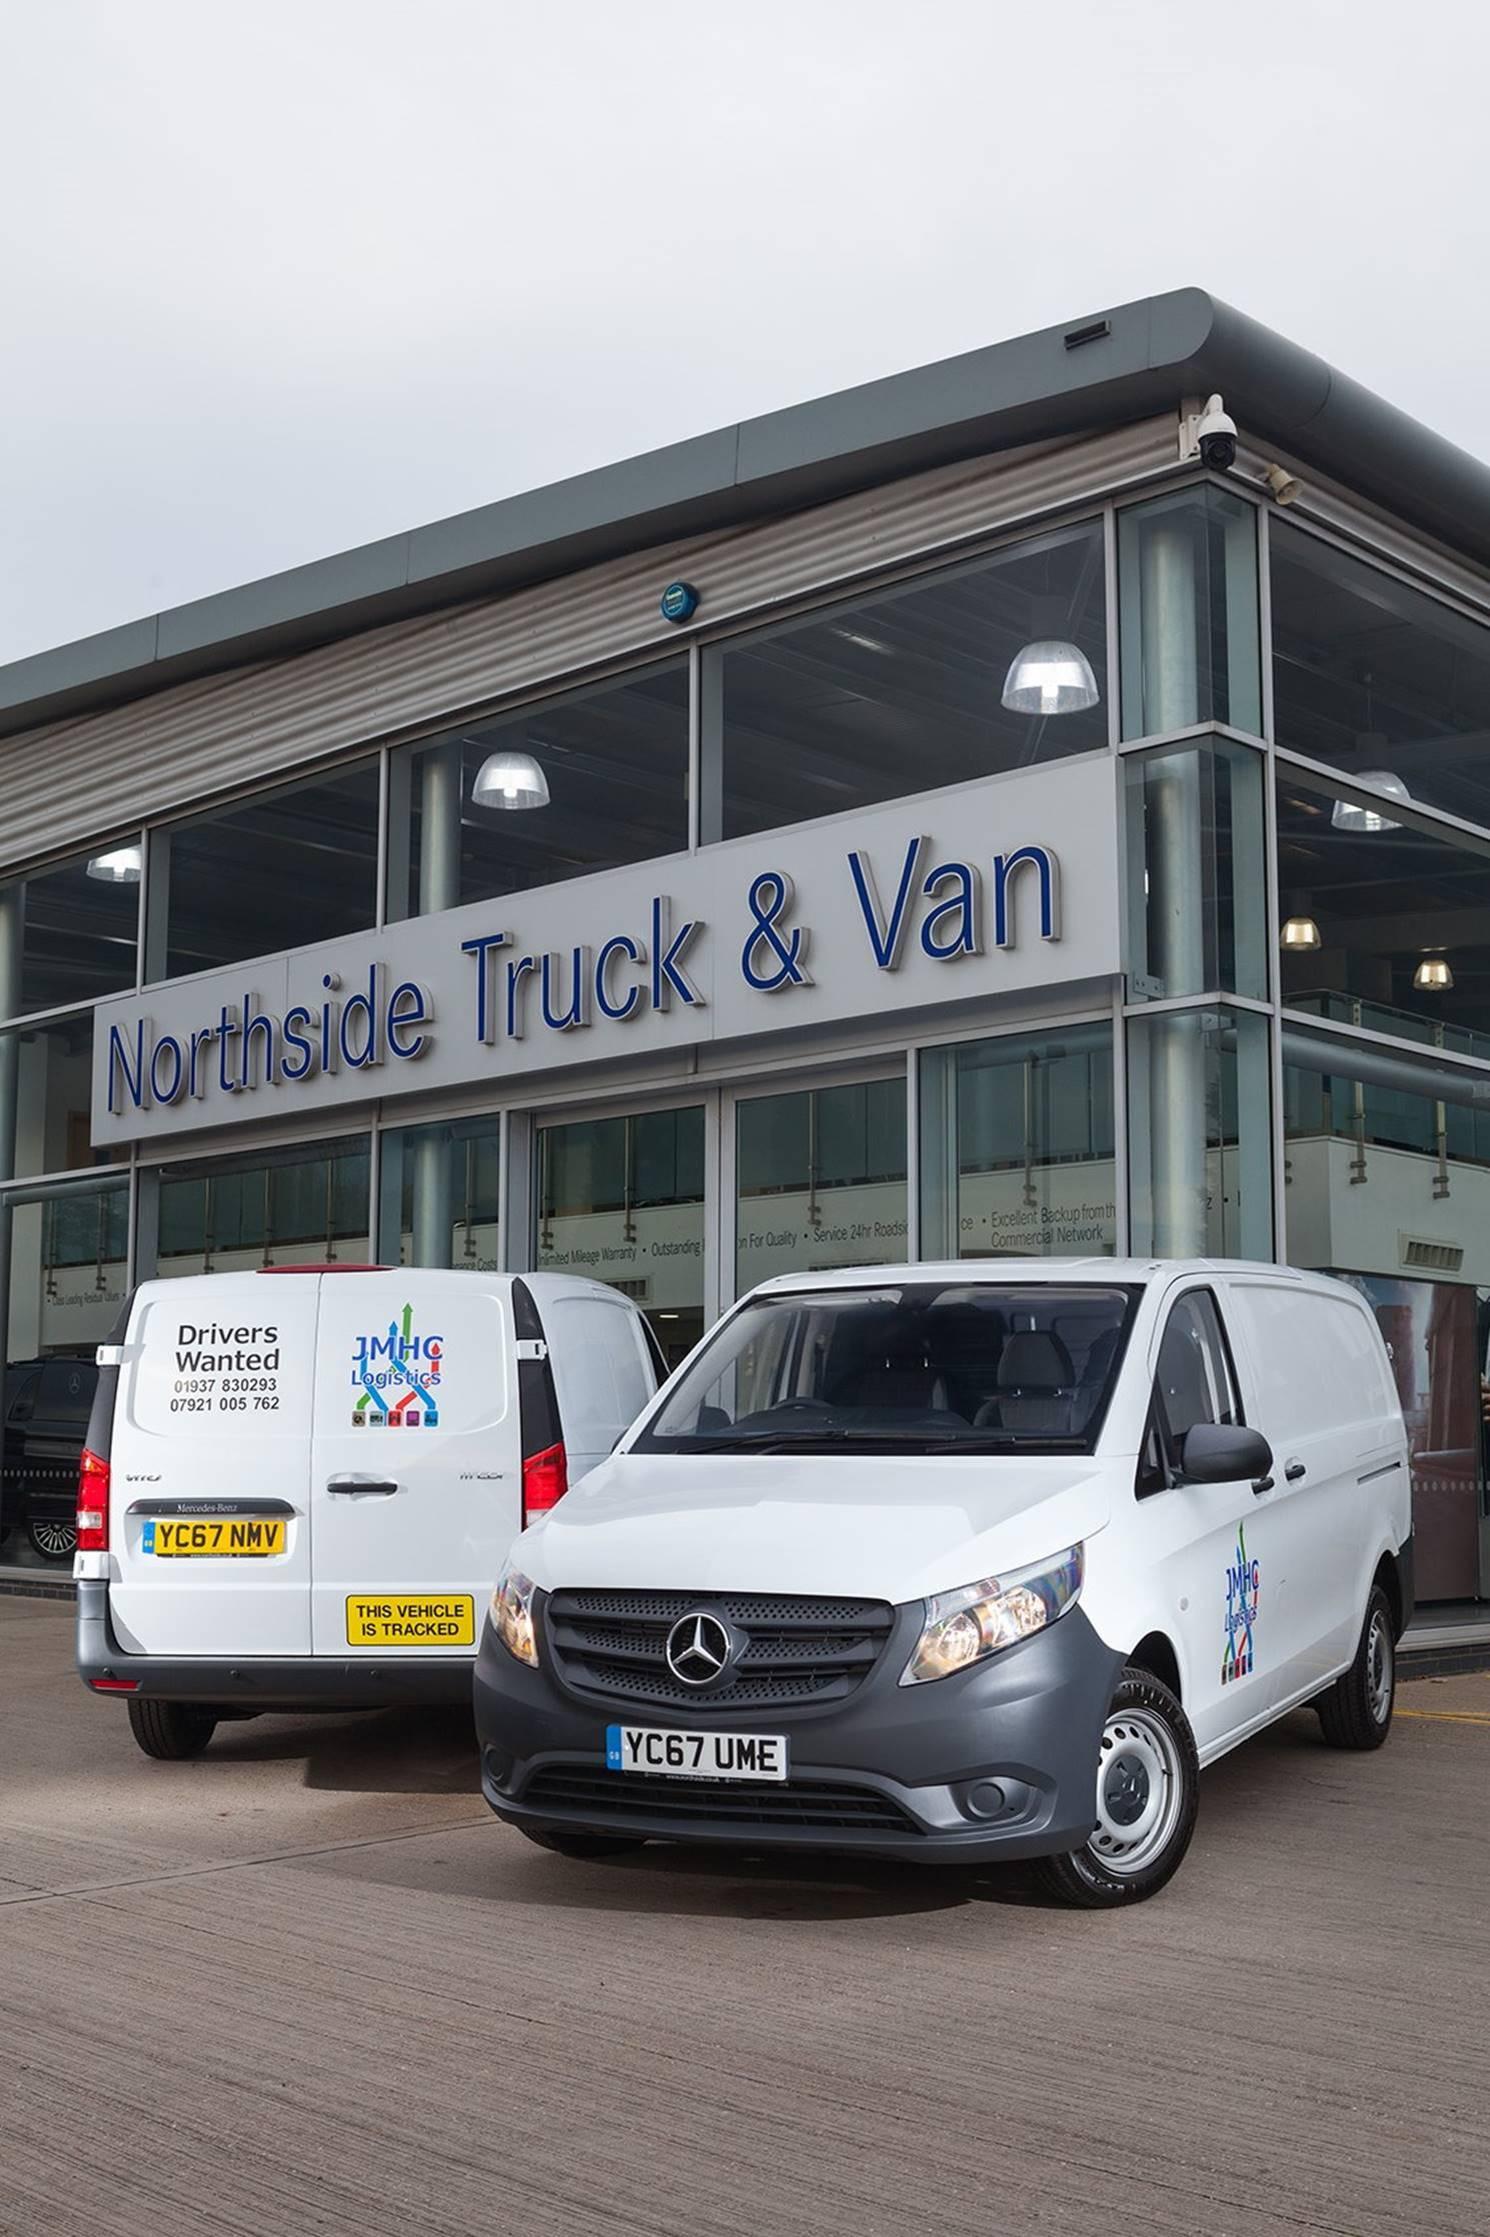 Logistics manager for Northside mercedes benz